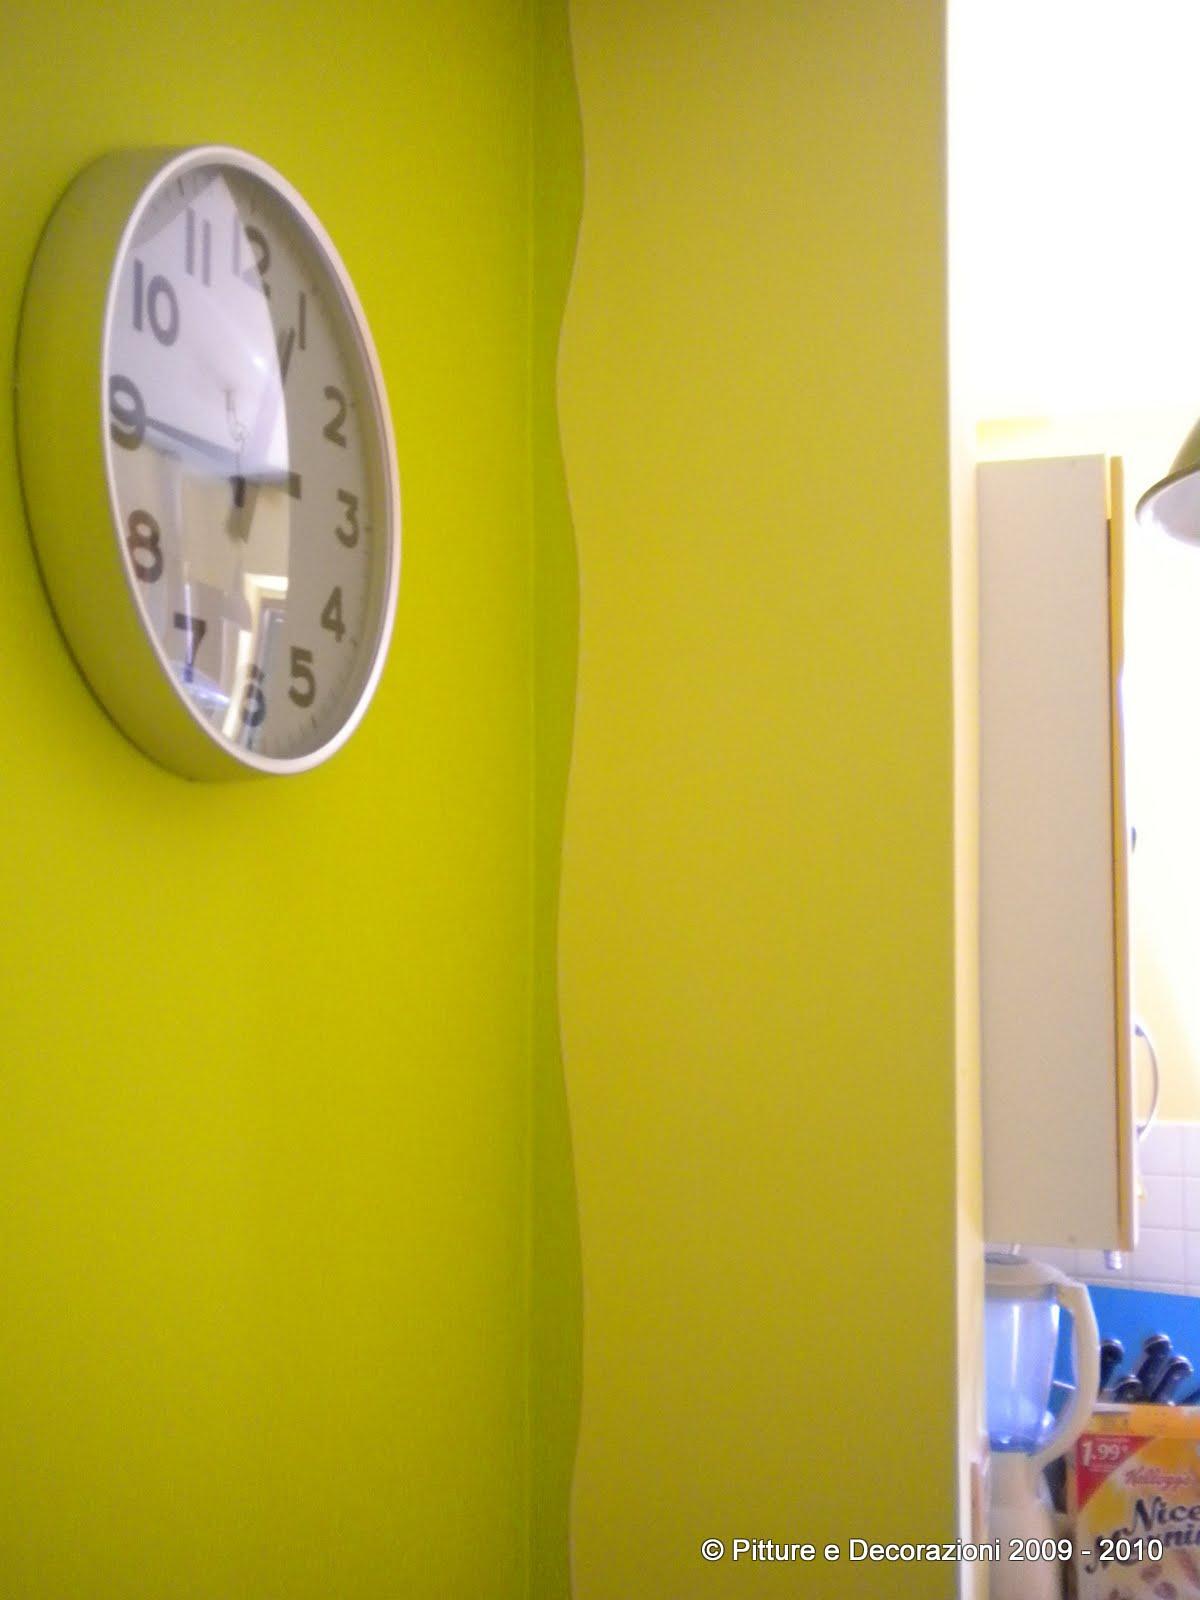 Pitture decorazioni tinteggiatura cucina - Boero colori ...